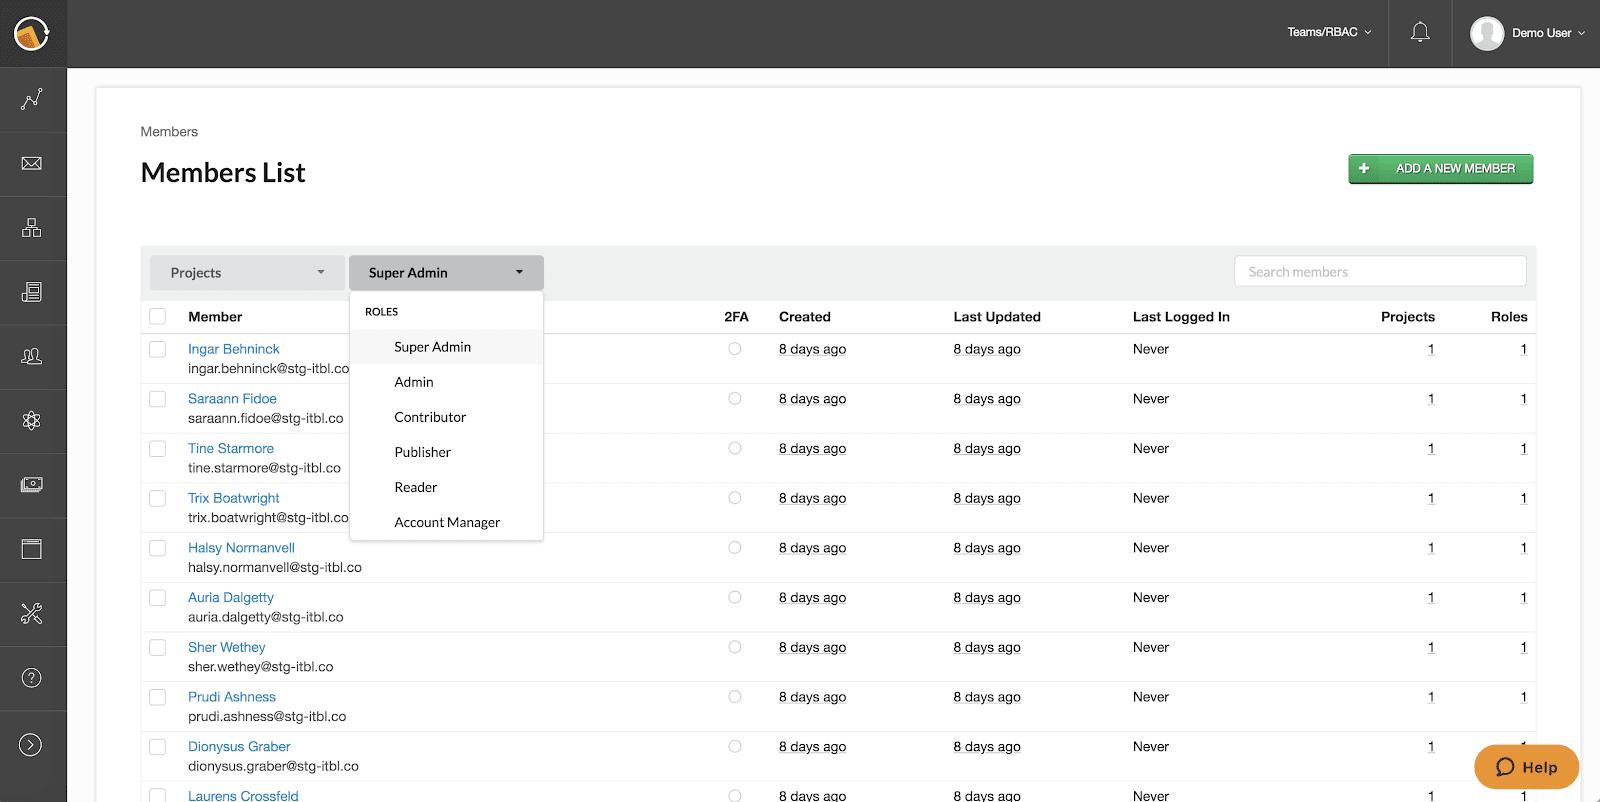 Members List view simplifies admin user experience